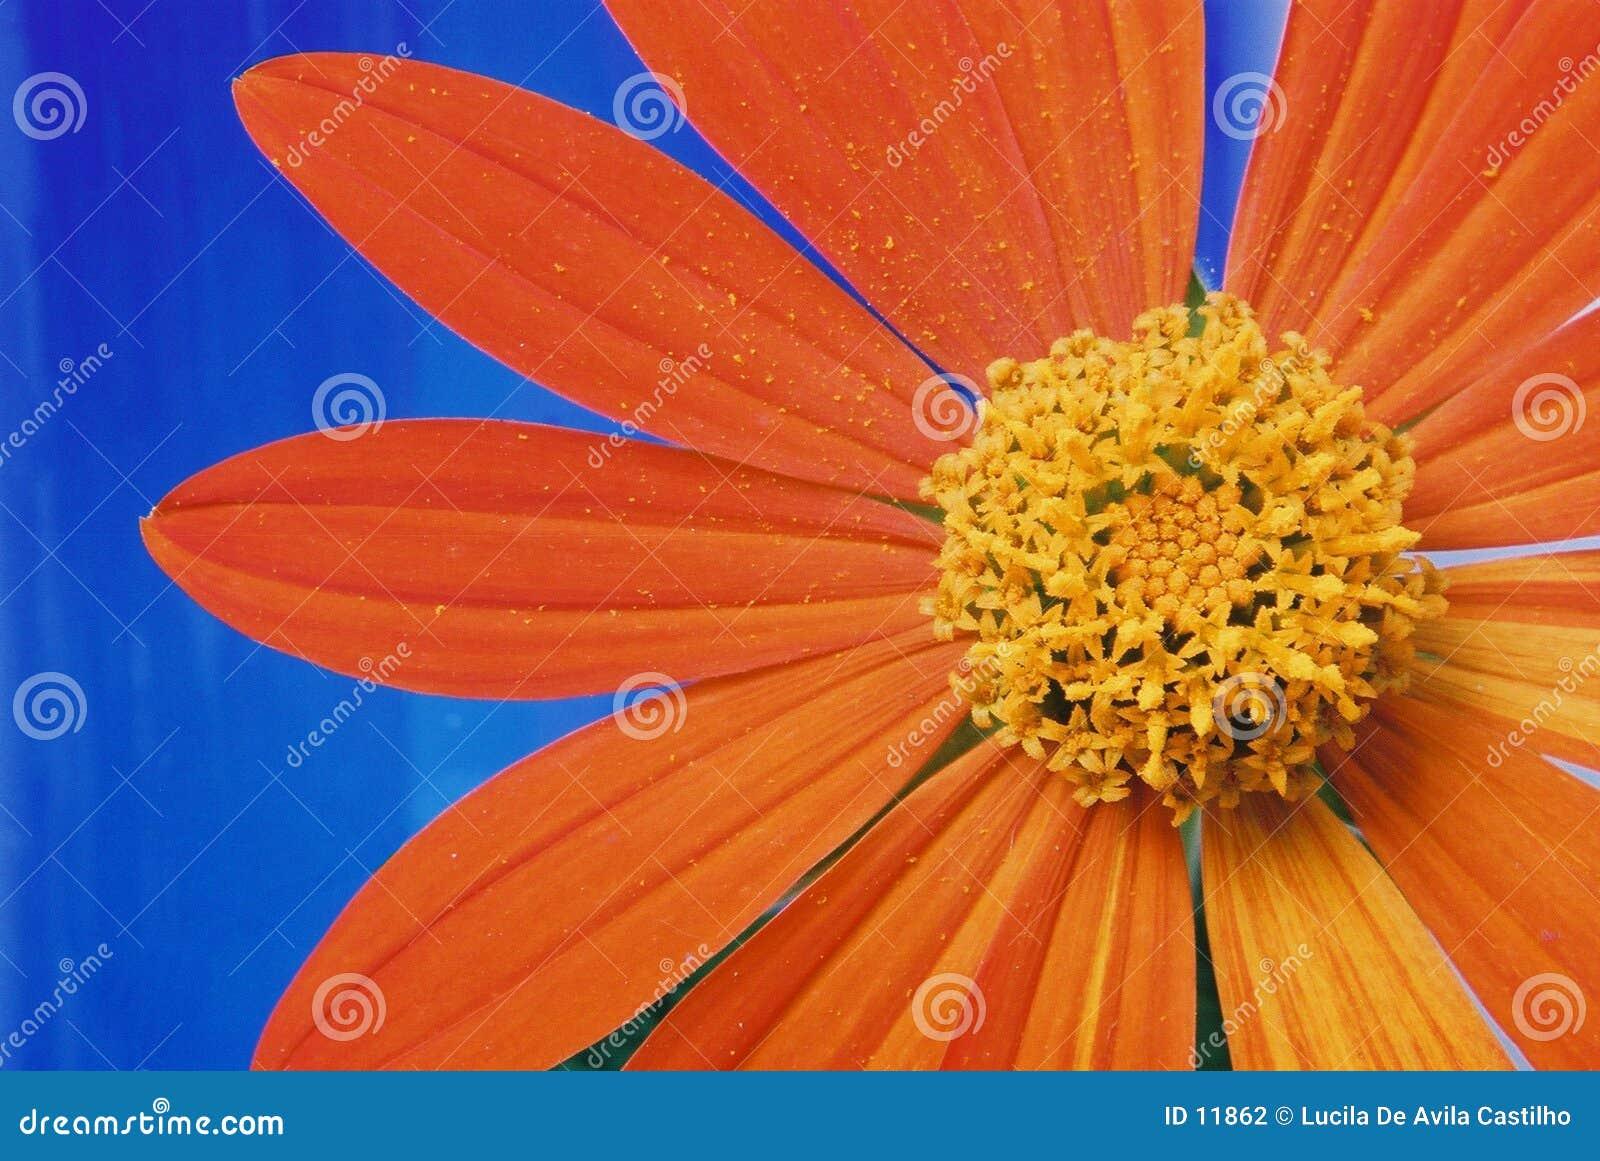 Fiore e petali arancioni